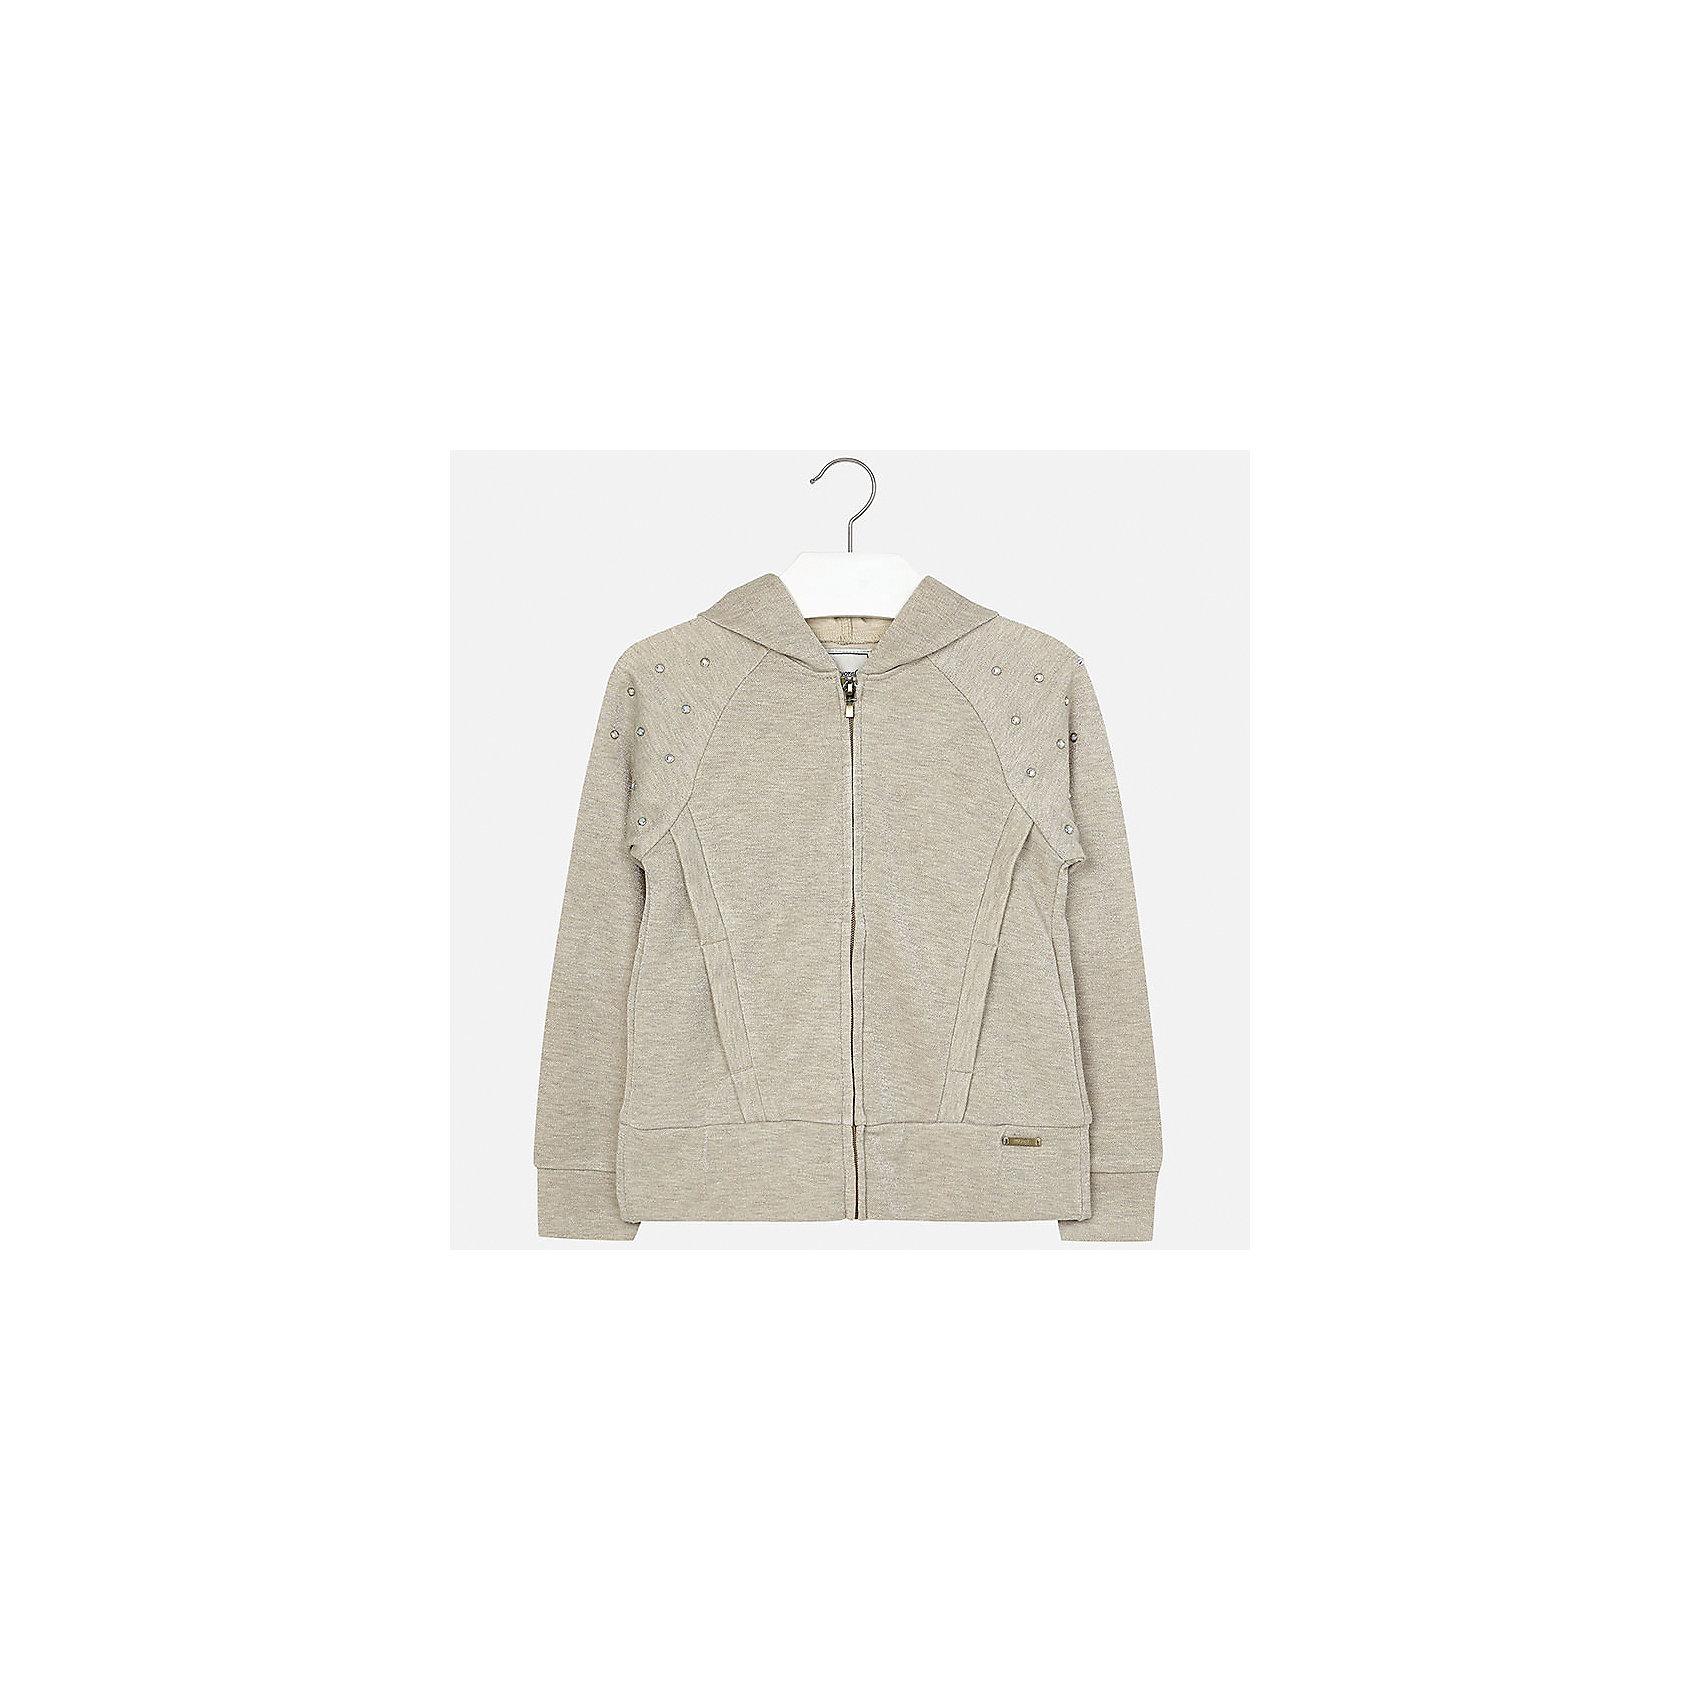 Куртка для девочки MayoralВерхняя одежда<br>Характеристики товара:<br><br>• цвет: бежевый<br>• состав: 42% хлопок, 42% вискоза, 16% металлическая нить<br>• температурный режим: от +15°до +10°С<br>• молния<br>• капюшон<br>• карманы<br>• украшена стразами<br>• страна бренда: Испания<br><br>Модная куртка для девочки поможет разнообразить гардероб ребенка и украсить наряд. Он отлично сочетается и с юбками, и с брюками. Универсальный цвет позволяет подобрать к вещи низ различных расцветок. Интересная отделка модели делает её нарядной и оригинальной.<br><br>Одежда, обувь и аксессуары от испанского бренда Mayoral полюбились детям и взрослым по всему миру. Модели этой марки - стильные и удобные. Для их производства используются только безопасные, качественные материалы и фурнитура. Порадуйте ребенка модными и красивыми вещами от Mayoral! <br><br>Куртку для девочки от испанского бренда Mayoral (Майорал) можно купить в нашем интернет-магазине.<br><br>Ширина мм: 356<br>Глубина мм: 10<br>Высота мм: 245<br>Вес г: 519<br>Цвет: серый<br>Возраст от месяцев: 156<br>Возраст до месяцев: 168<br>Пол: Женский<br>Возраст: Детский<br>Размер: 164,170,128/134,140,152,158<br>SKU: 5292910